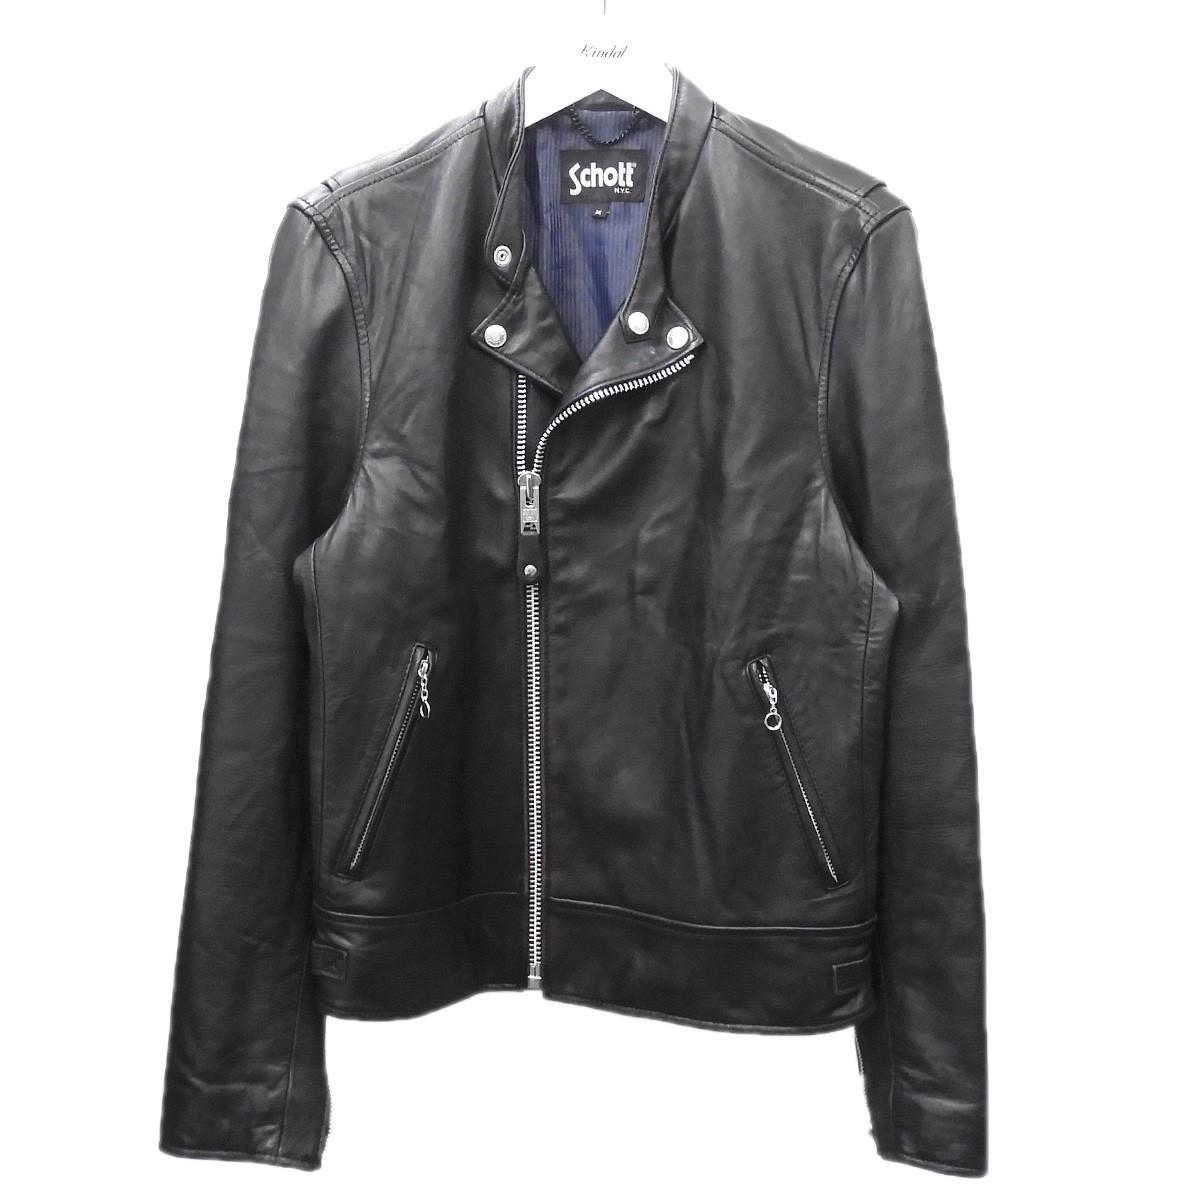 【中古】SCHOTT×EDIFICE ライダースジャケット ブラック サイズ:M 【260720】(ショット エディフィス)